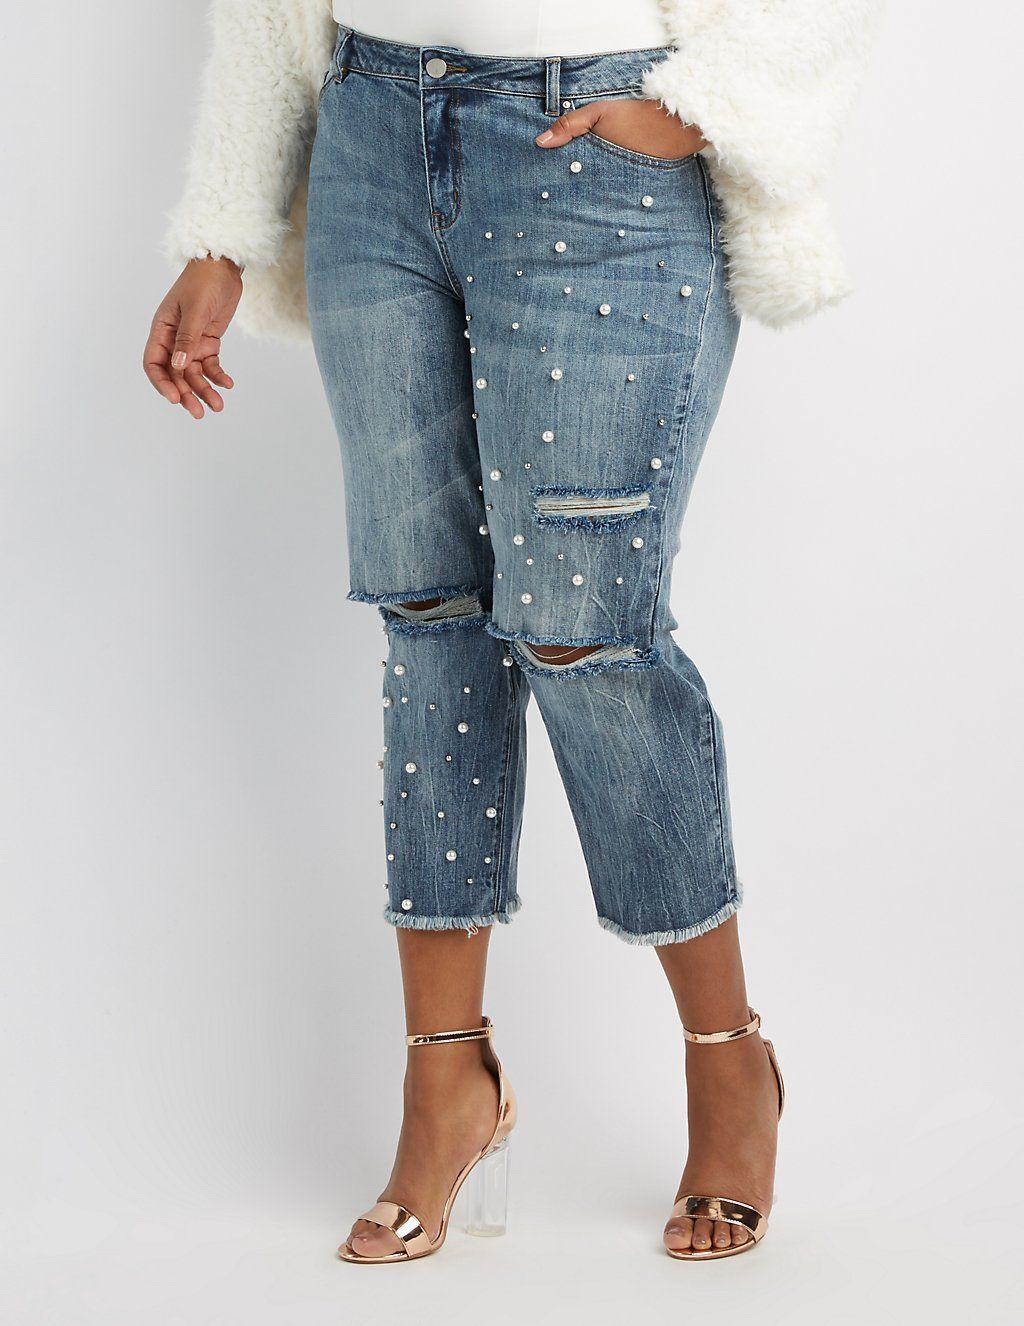 29ab88bdd20ab Charlotte Russe  Refuge Destroyed Pearl Applique Crop Jeans